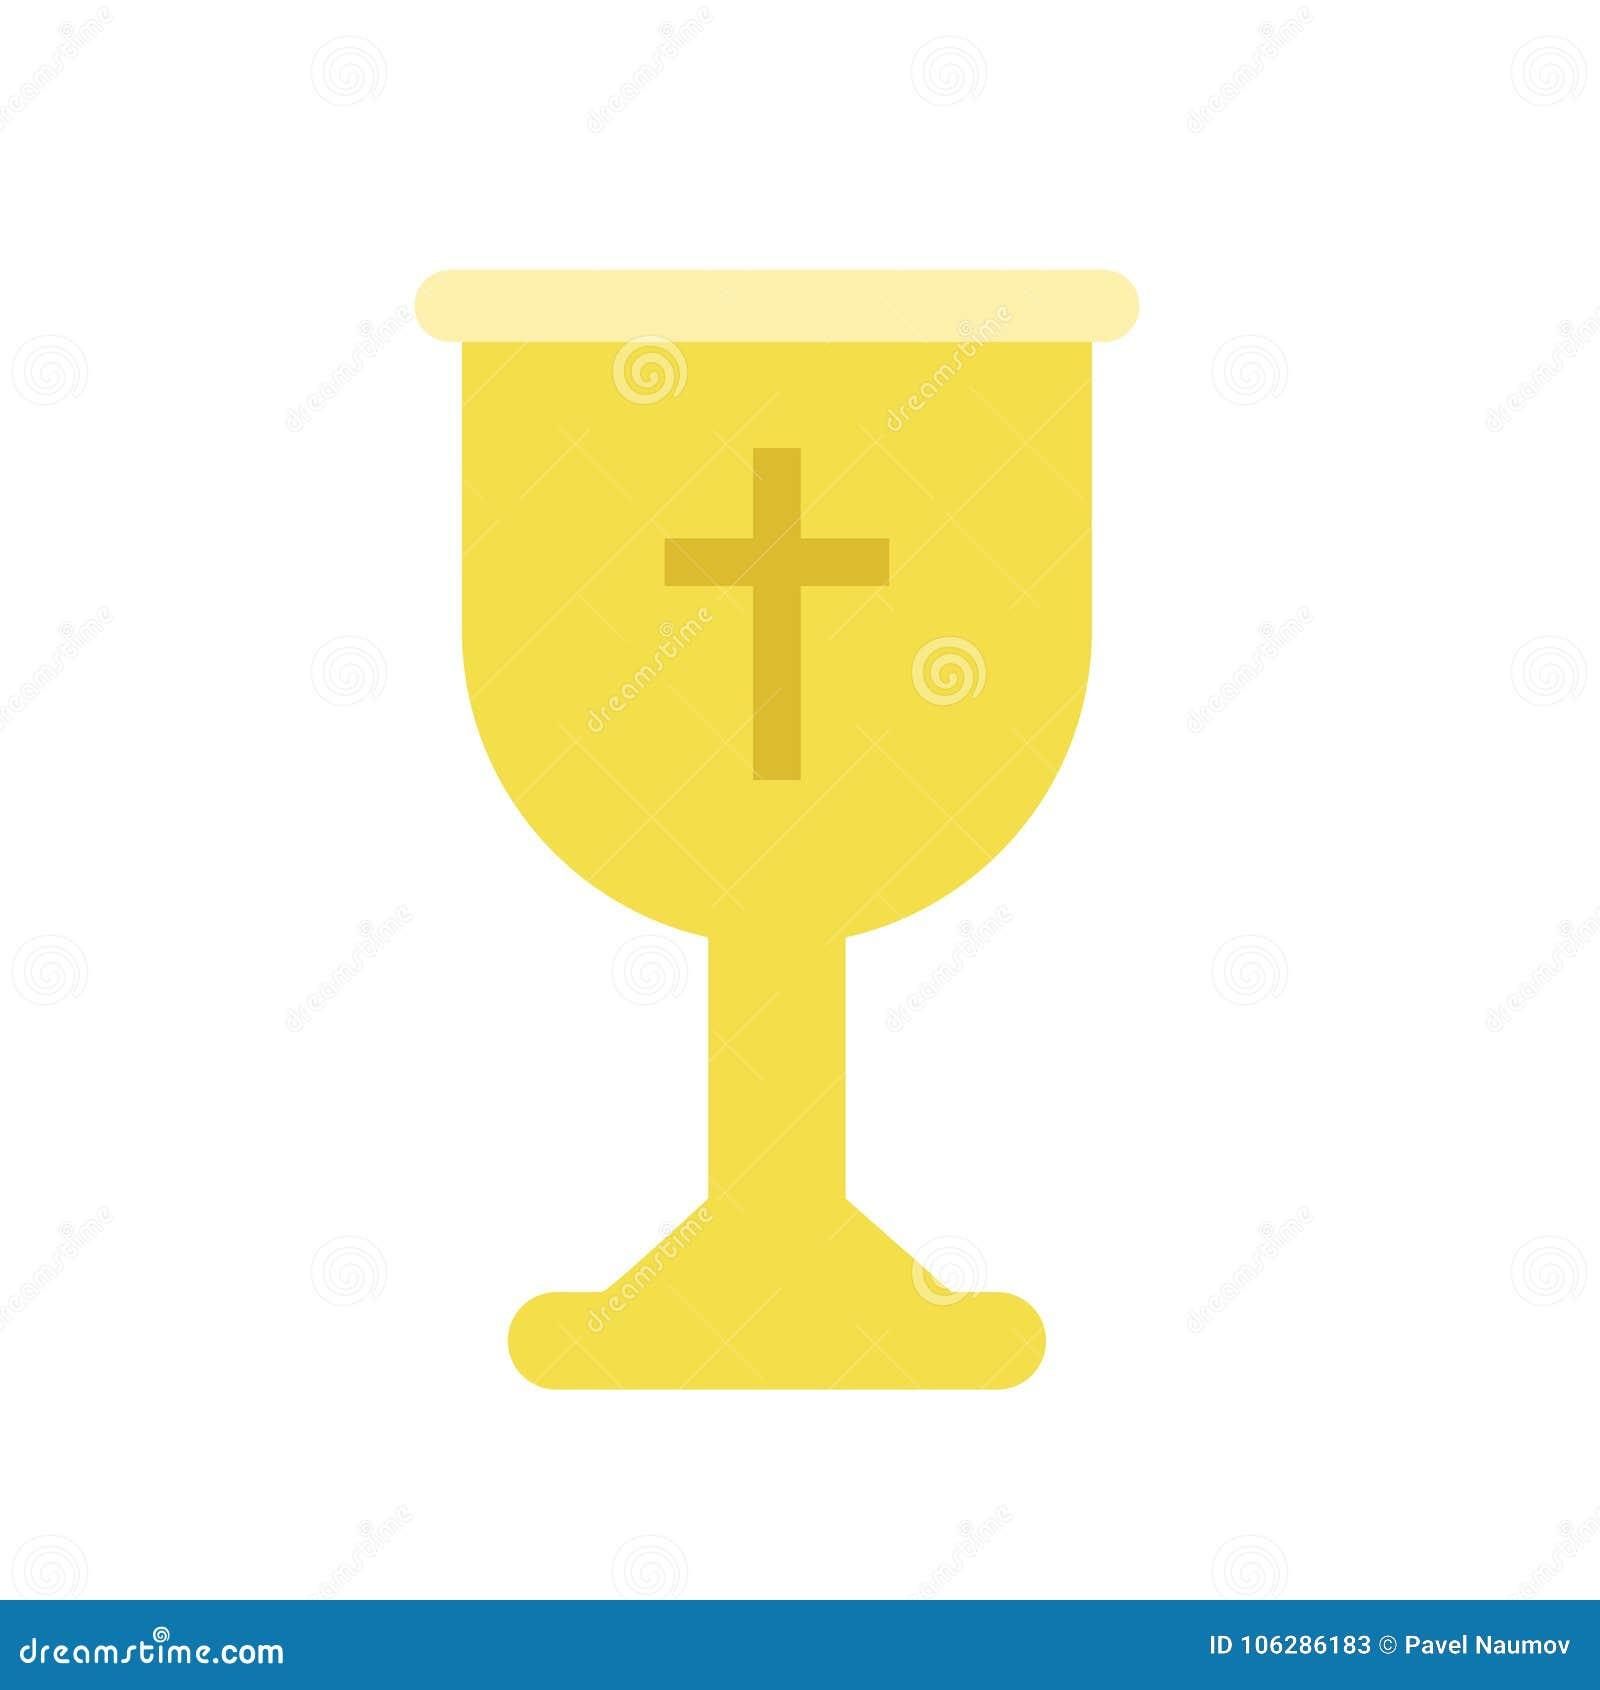 Кубок золотой чашки или кубка для христианского поклонения Литургический сосуд для сакраментального вина или святого причастия из